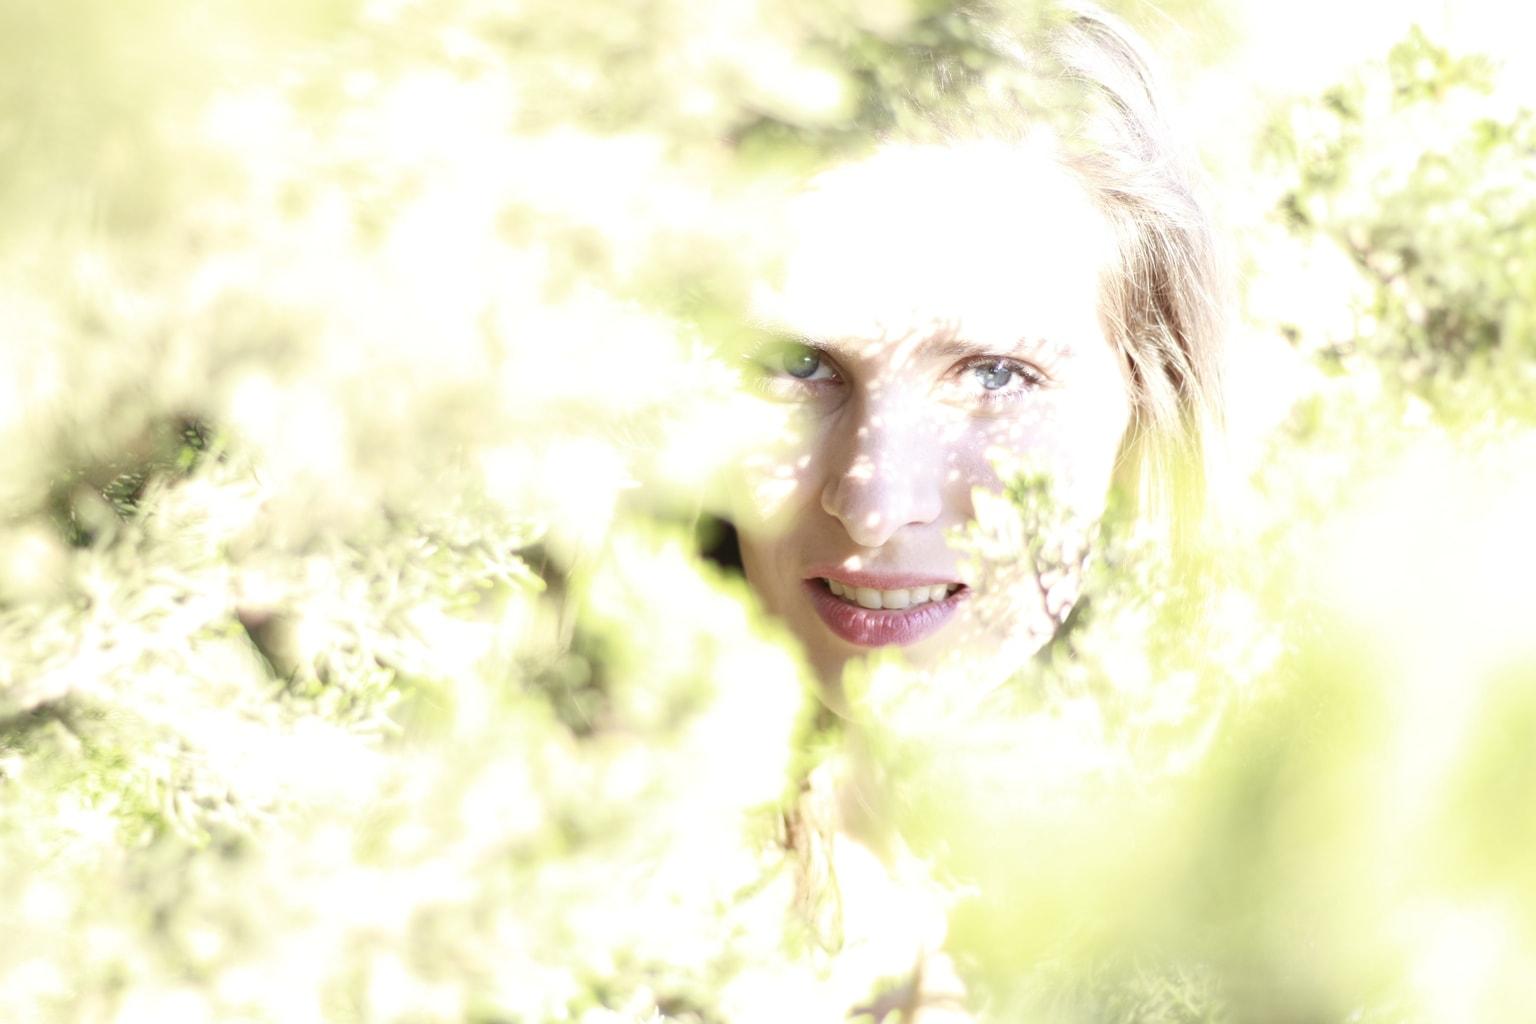 fotografía retrato chica sonríendo